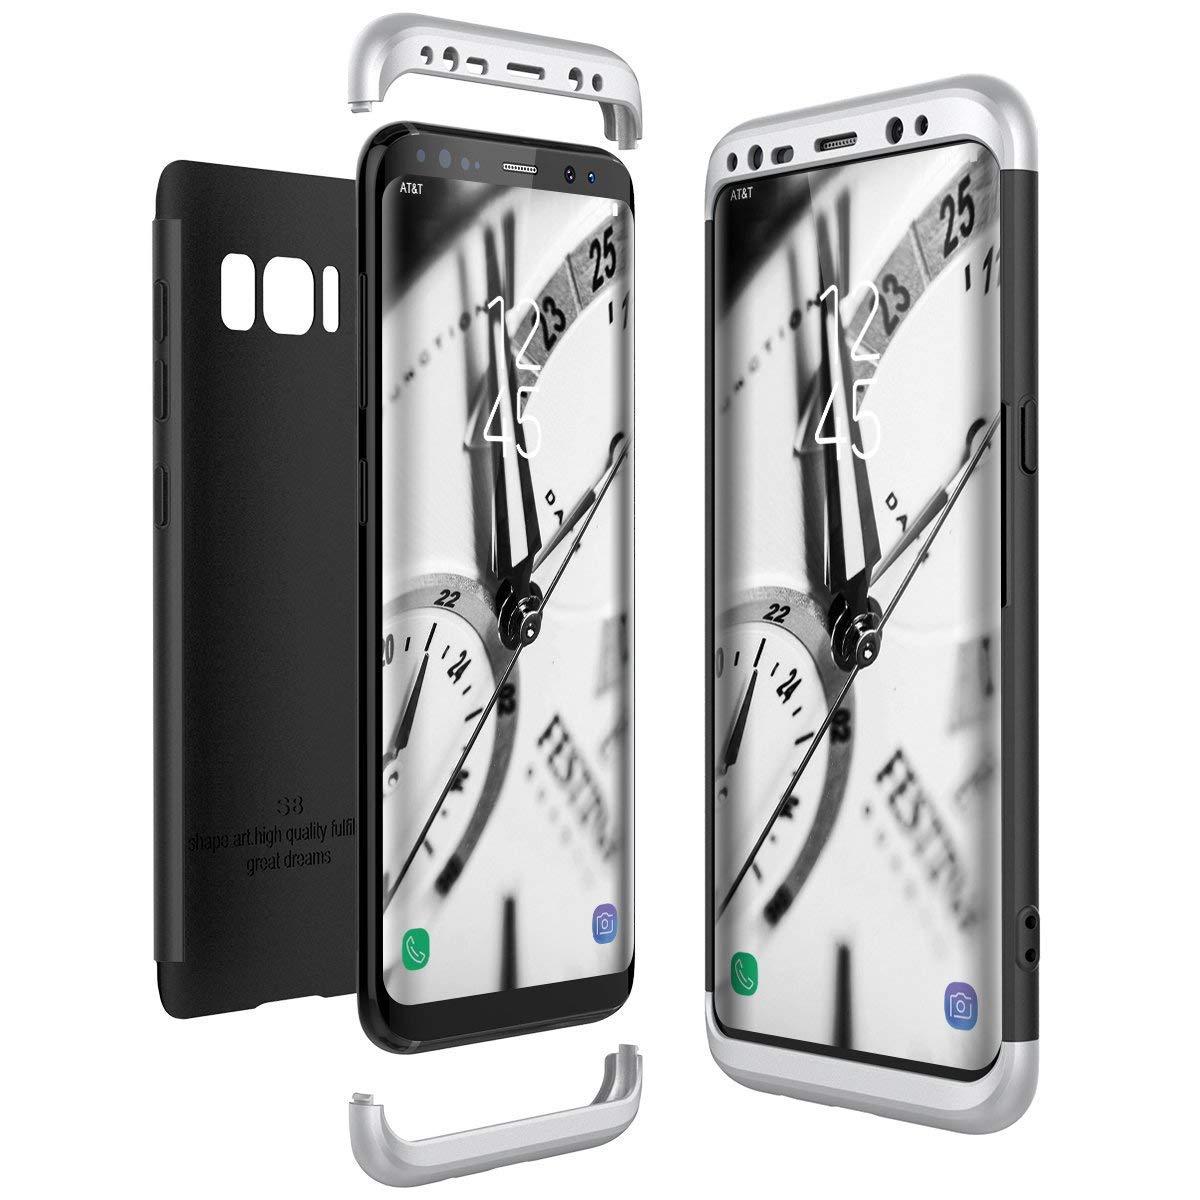 Samsung Galaxy S8 Plus Hü lle, Samsung Galaxy S8 Hü lle 3 in 1 Ultra Dü nner PC Harte Case 360 Grad Ganzkö rper Schü tzend Anti-Kratzer Schutzhü lle